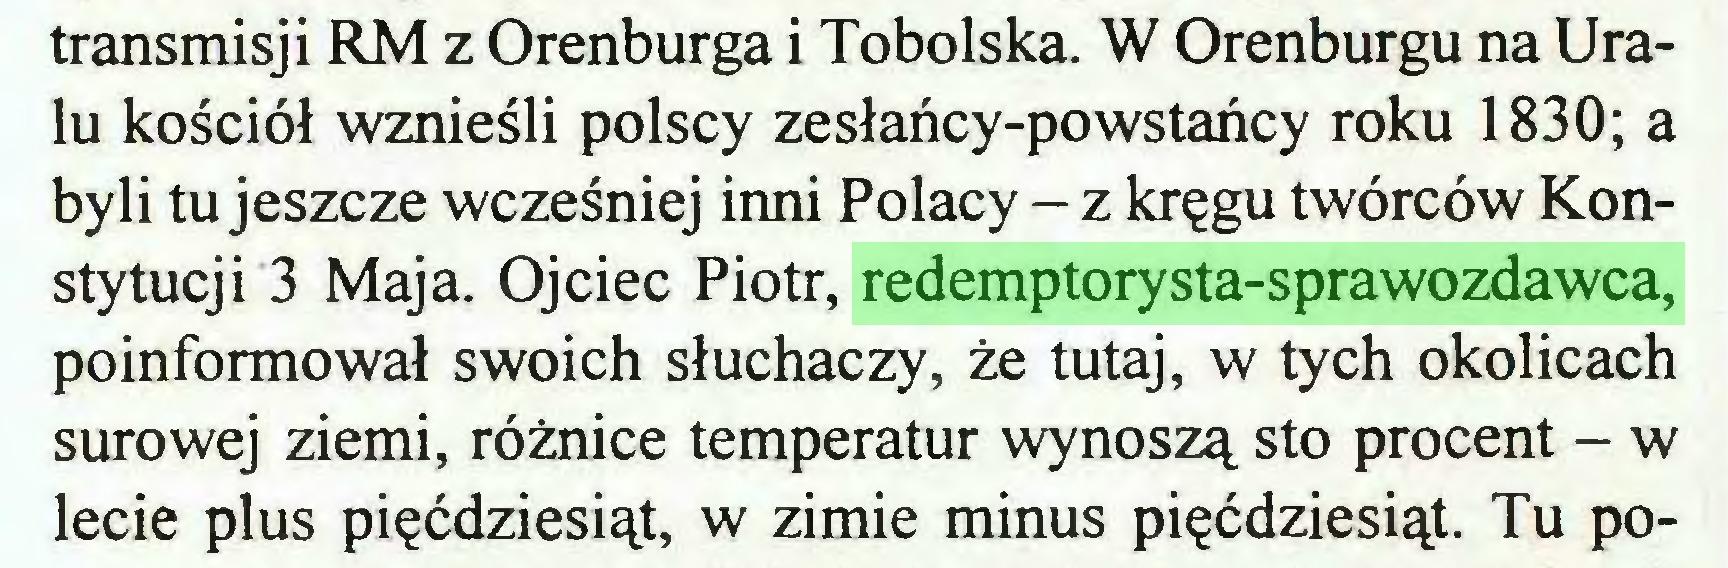 (...) transmisji RM z Orenburga i Tobolska. W Orenburgu na Uralu kościół wznieśli polscy zesłańcy-powstańcy roku 1830; a byli tu jeszcze wcześniej inni Polacy - z kręgu twórców Konstytucji 3 Maja. Ojciec Piotr, redemptorysta-sprawozdawca, poinformował swoich słuchaczy, że tutaj, w tych okolicach surowej ziemi, różnice temperatur wynoszą sto procent - w lecie plus pięćdziesiąt, w zimie minus pięćdziesiąt. Tu po...